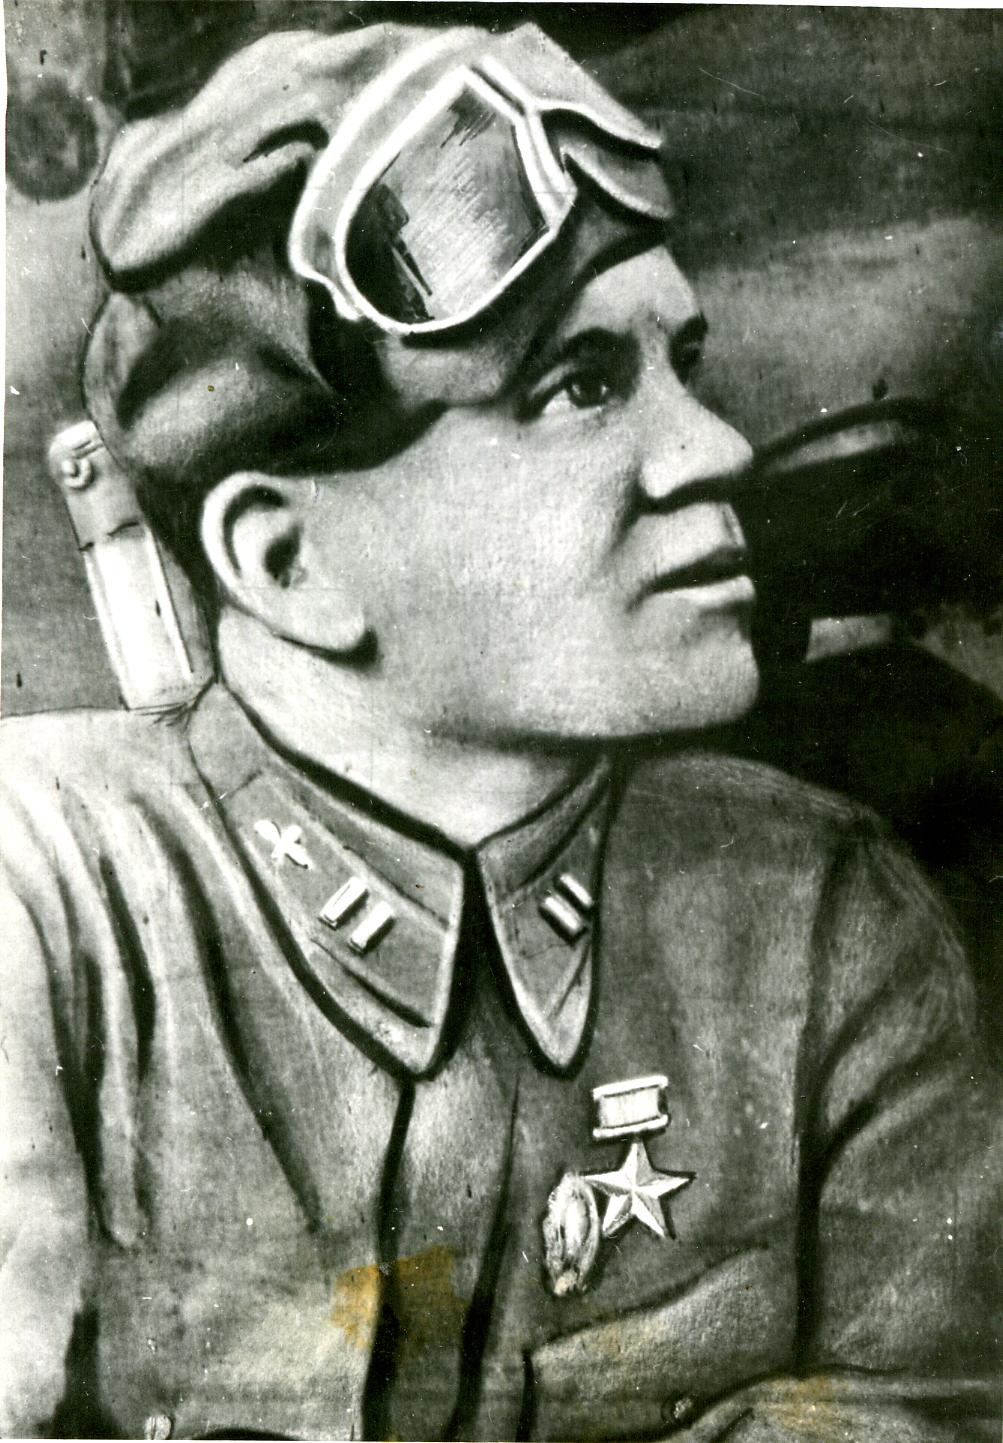 Капитан Ф.М. Фаткуллин – Герой Советского Союза. 1941 ©Tatfrontu.ru Photo Archive